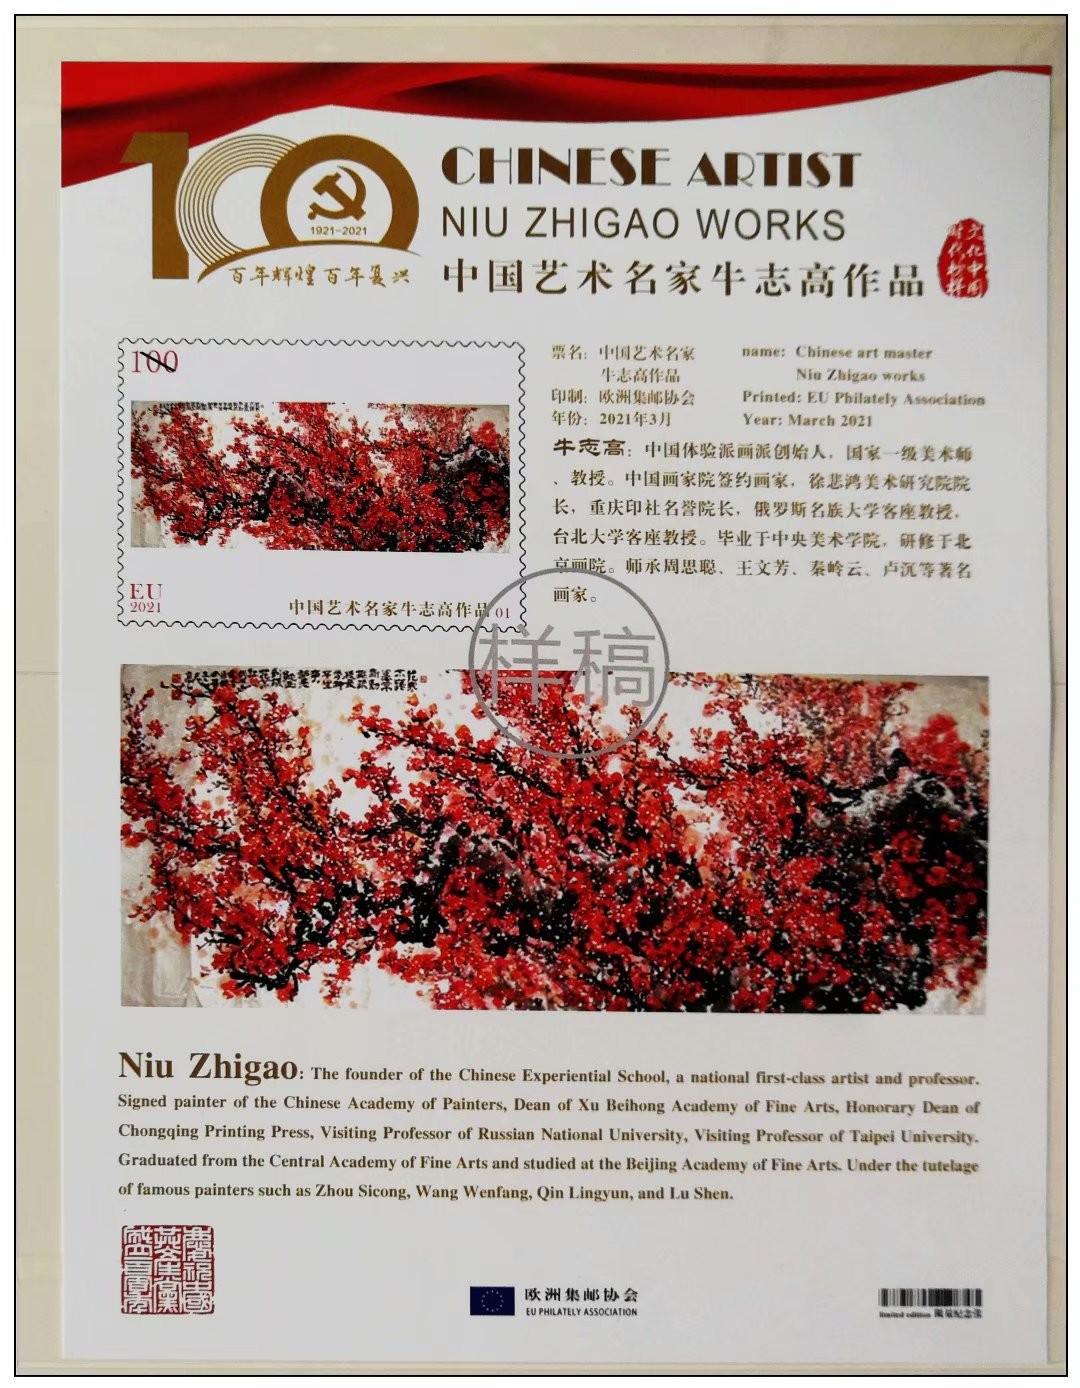 庆祝中国共产党成立100周年---牛志高书画集邮册面世2021.03.15_图1-13